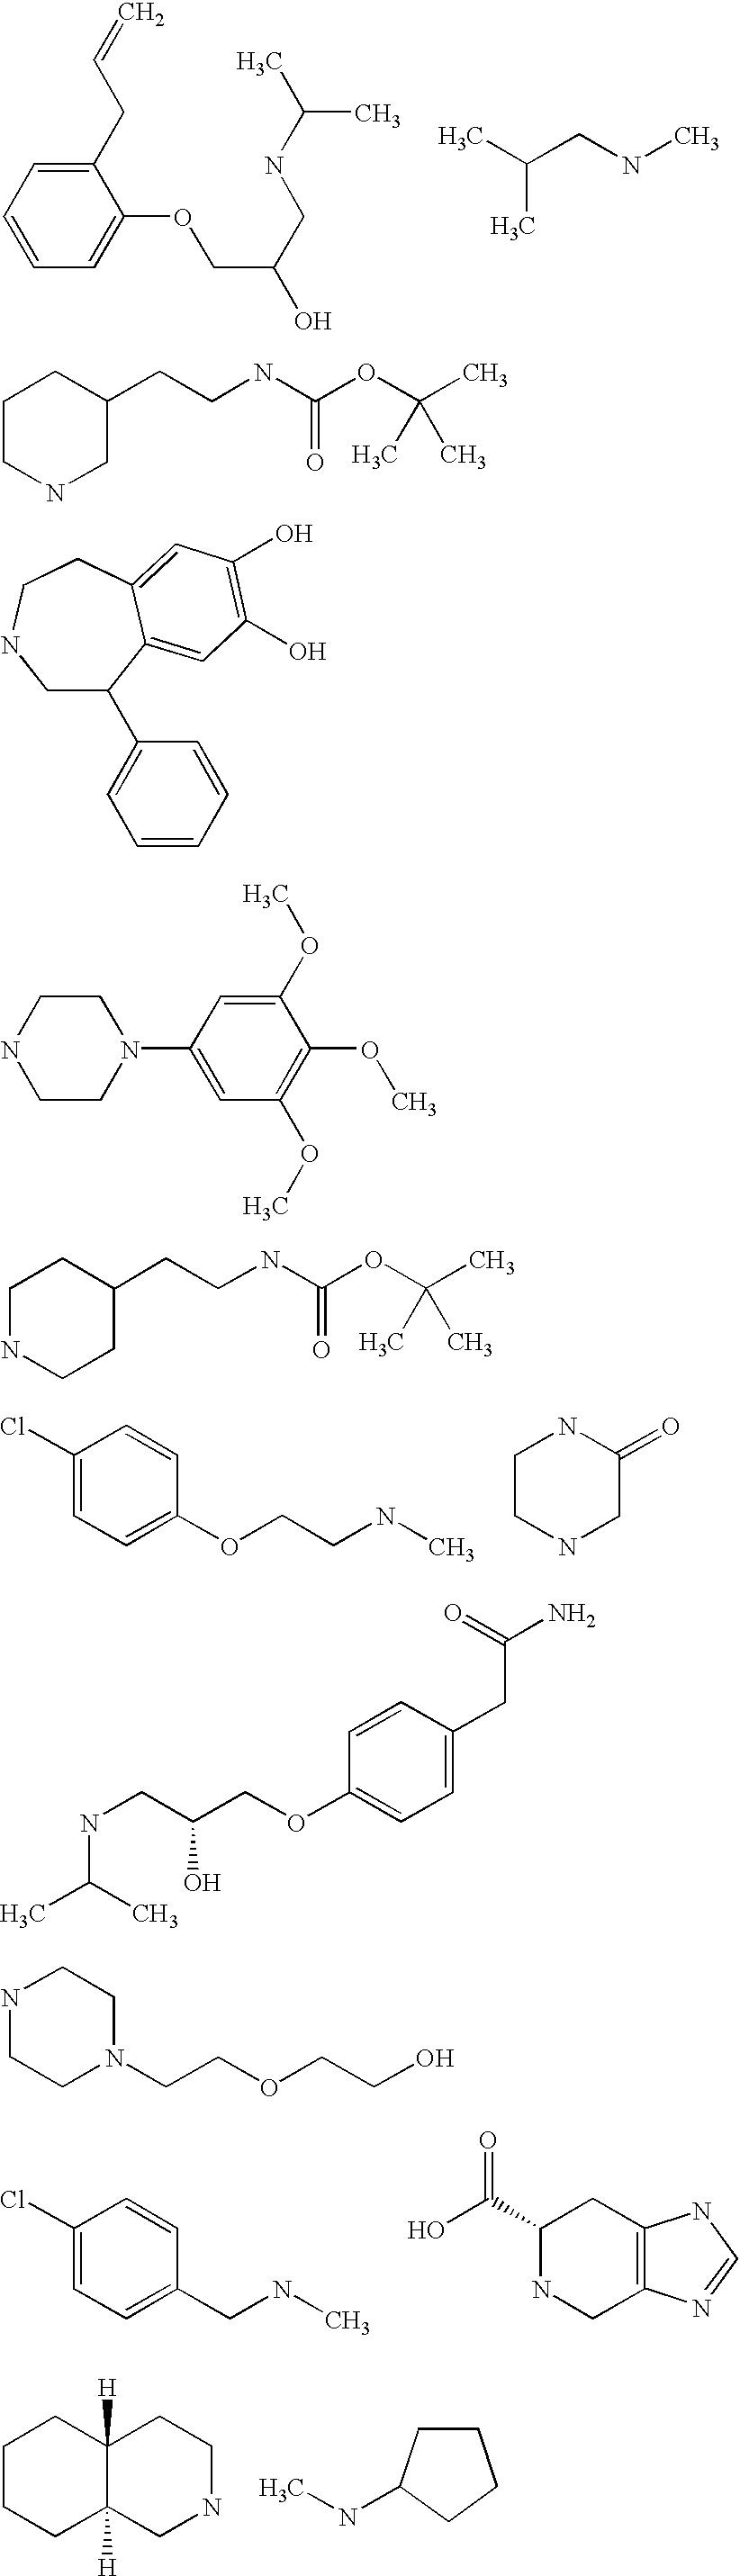 Figure US06693202-20040217-C00070